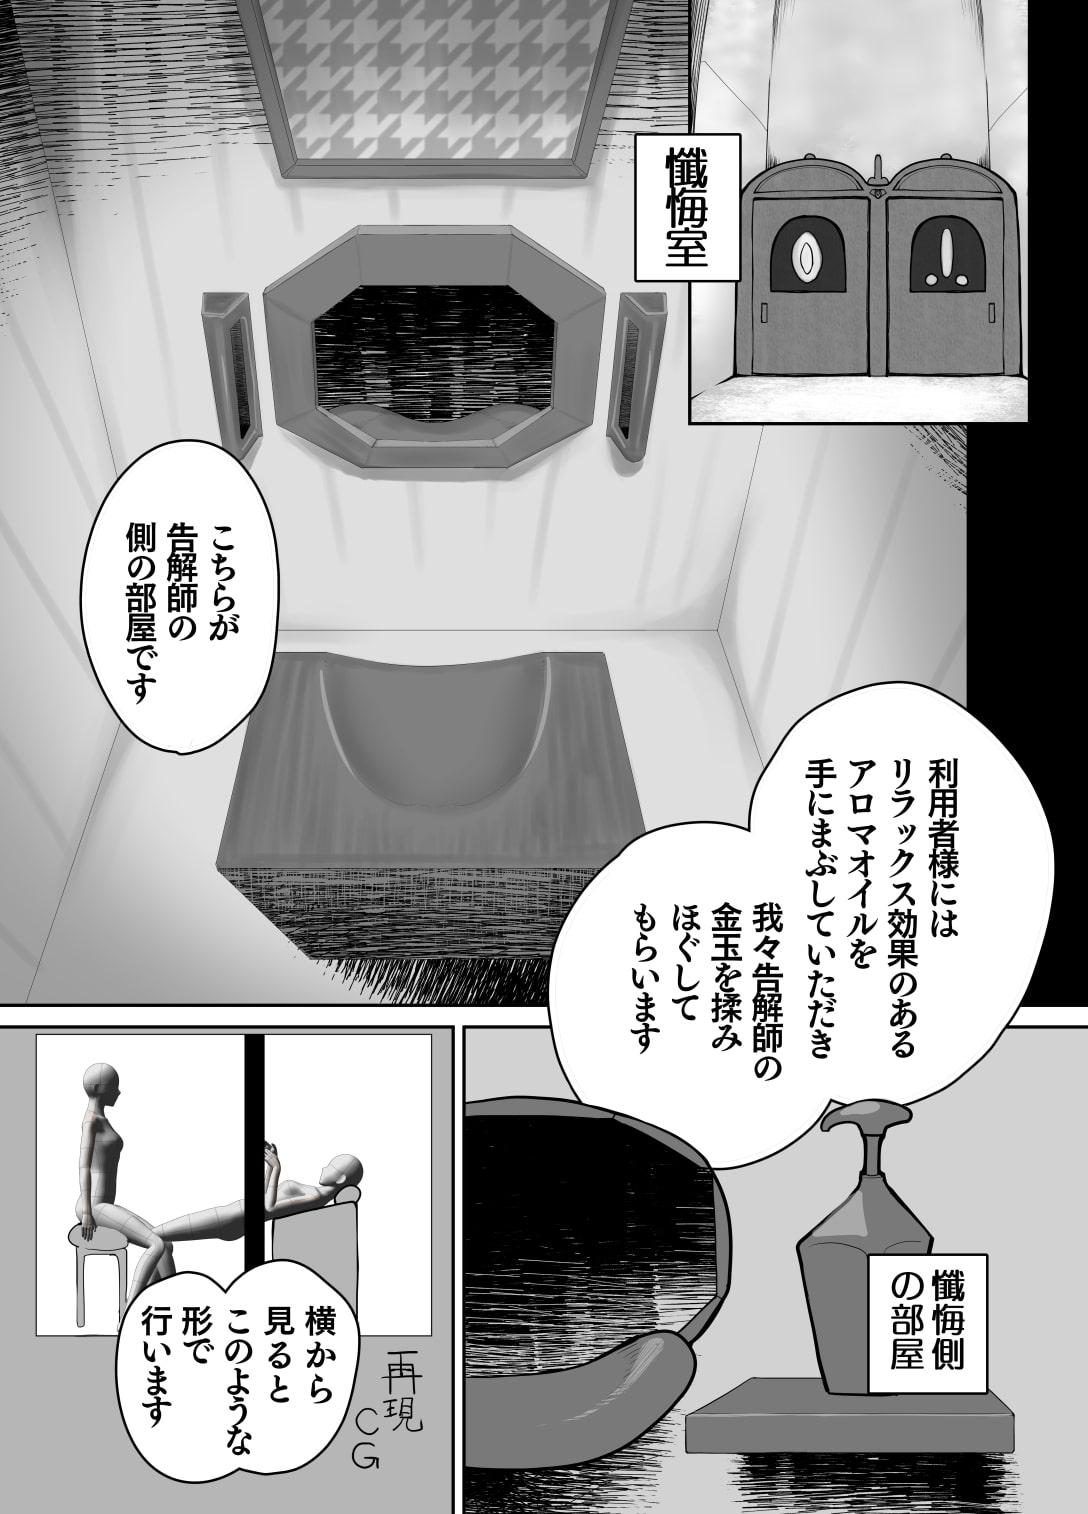 RJ318707 ふたなりシスターの玉揉みセラピー懺悔室 [20210227]